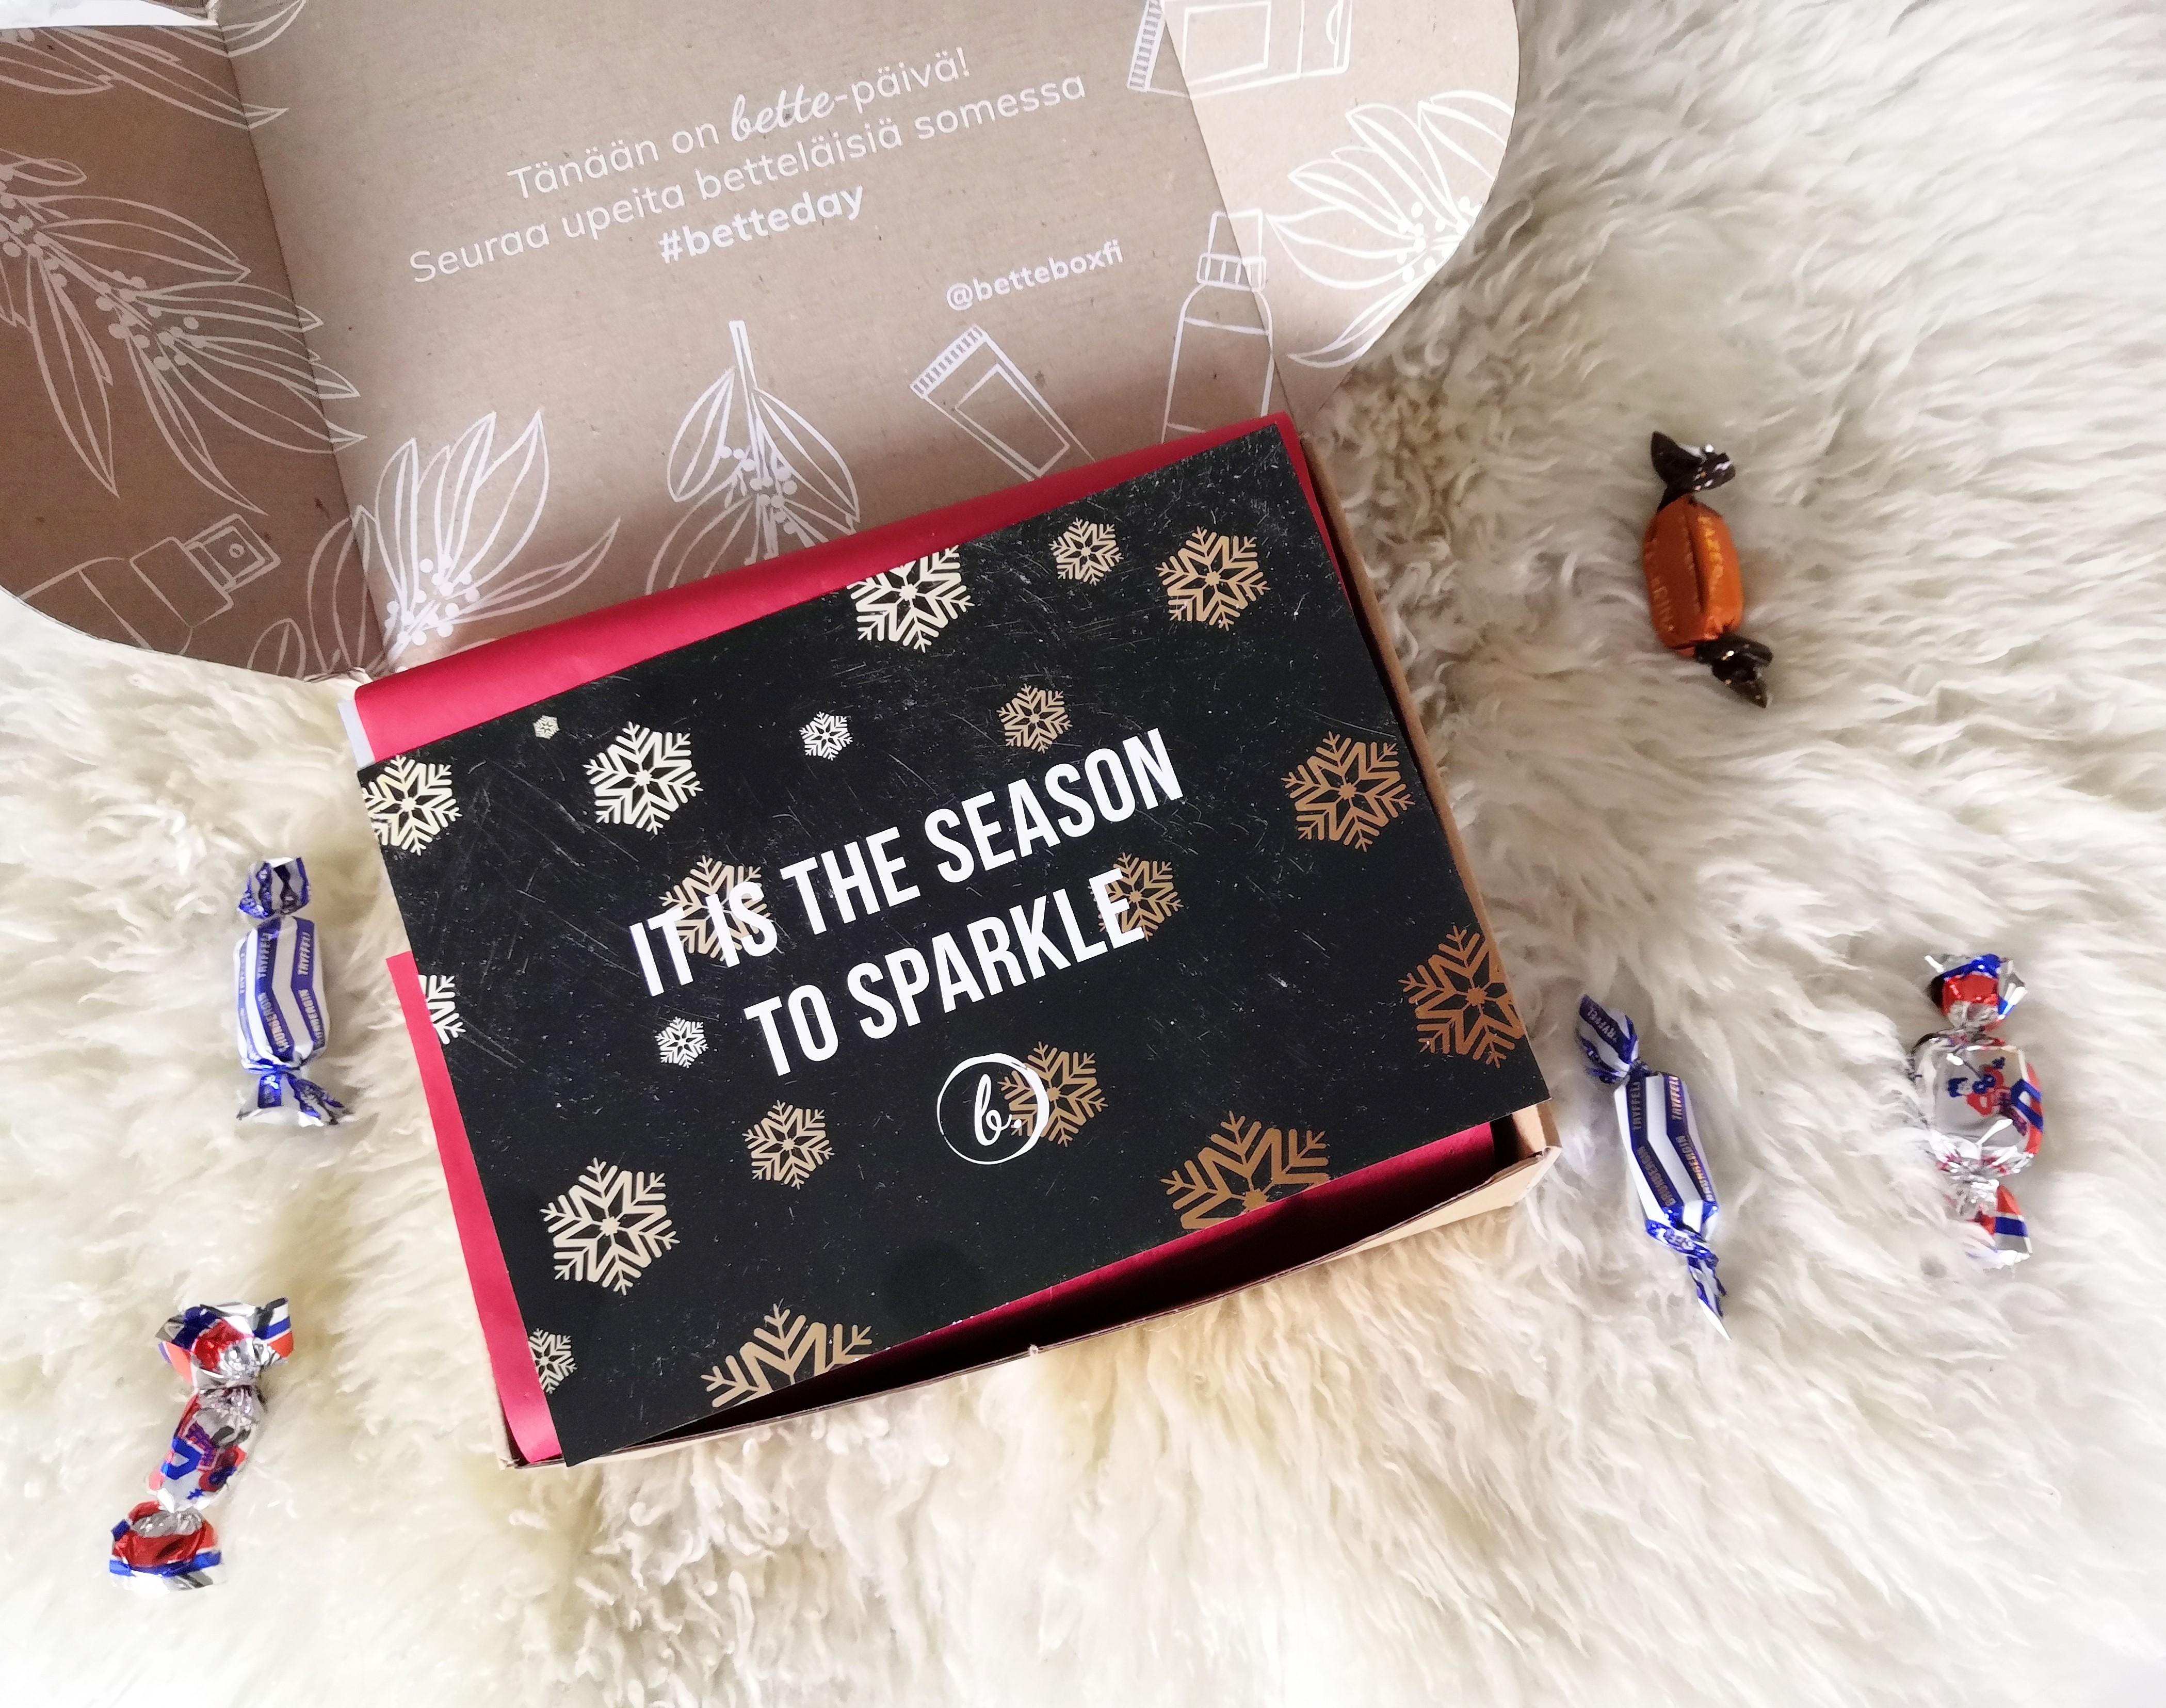 Joulukuun Bettebox